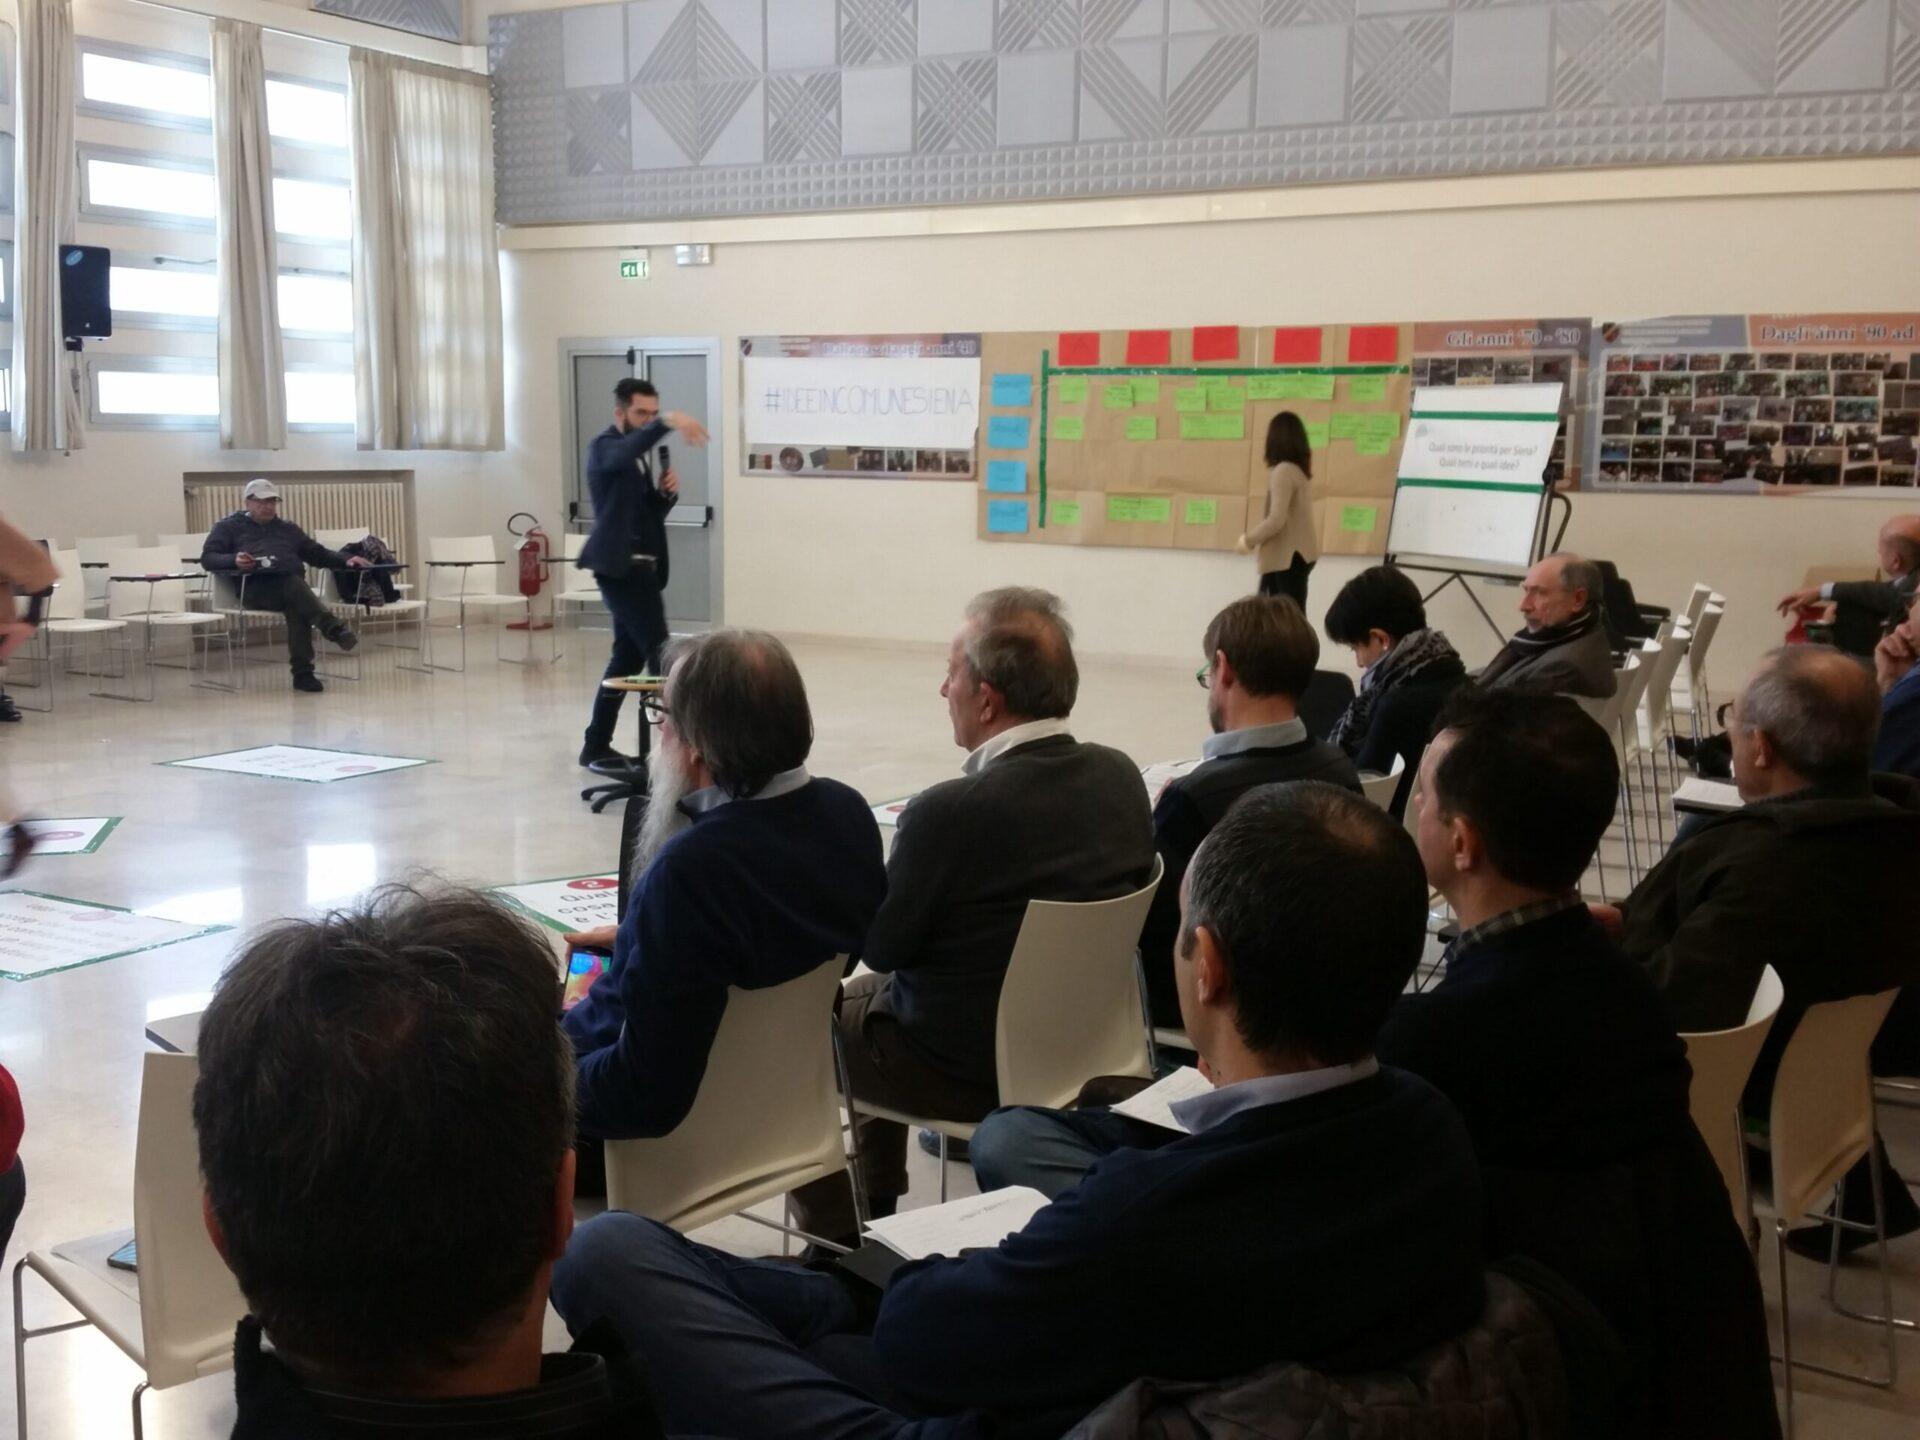 """Siena, in campo primarie di partito, veti tra partiti e la """"Piazza delle Idee"""", metodo civico per scegliere priorità"""